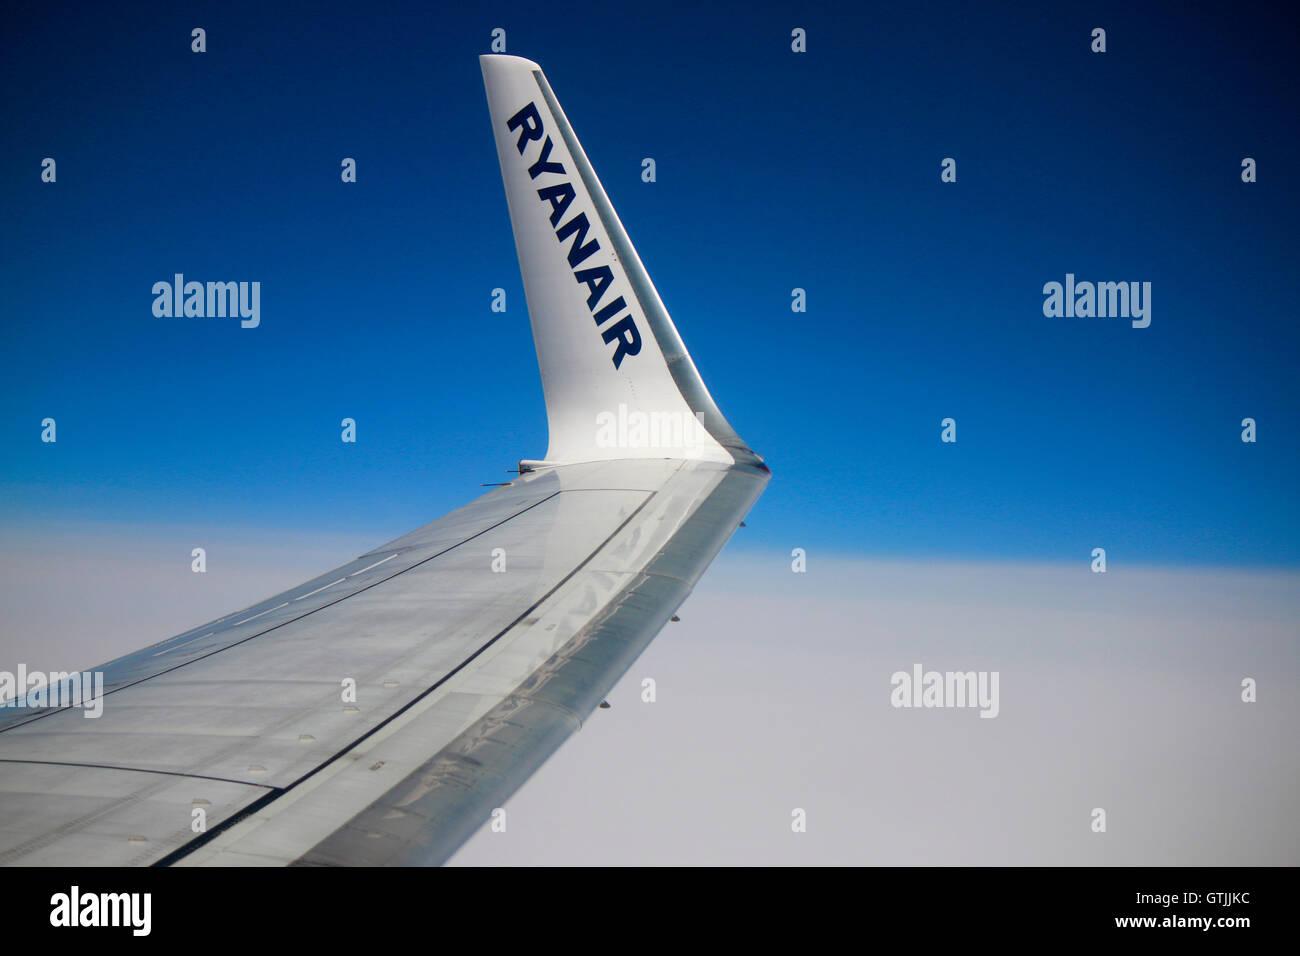 in einem Flugzeug der Fluglinie 'Ryanair' . - Stock Image